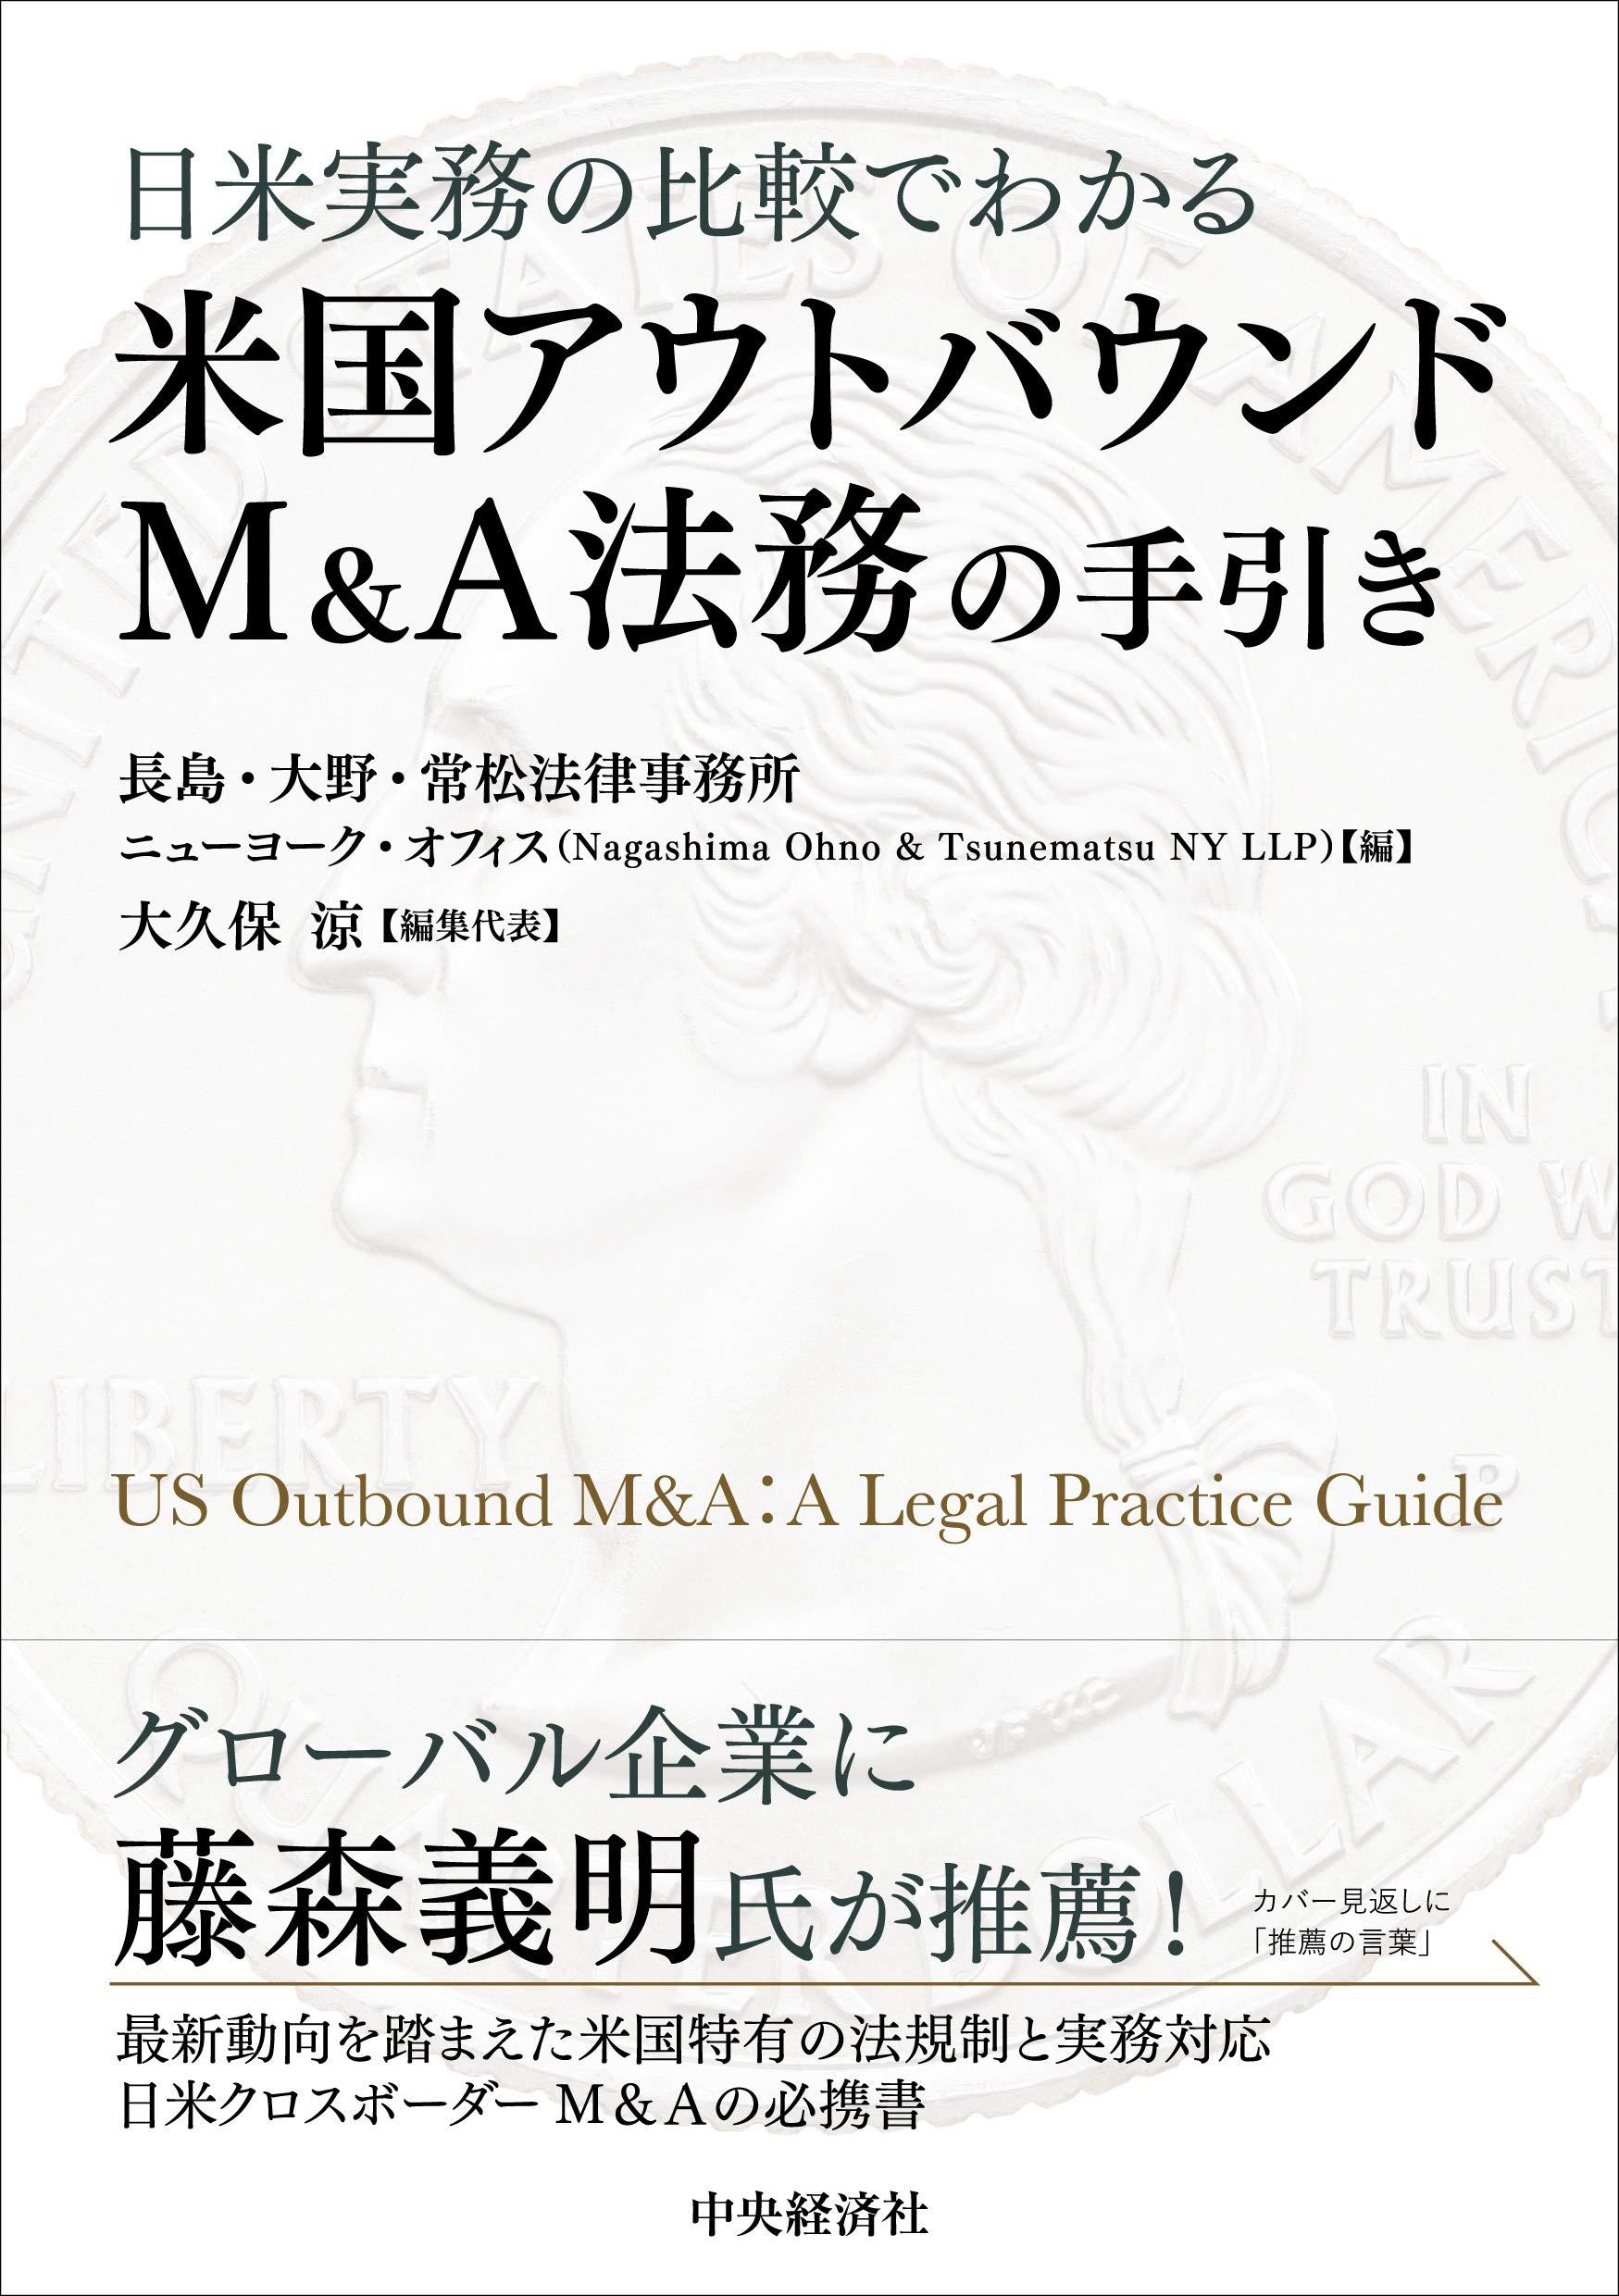 日米実務の比較でわかる 米国アウトバウンドM&A法務の手引き